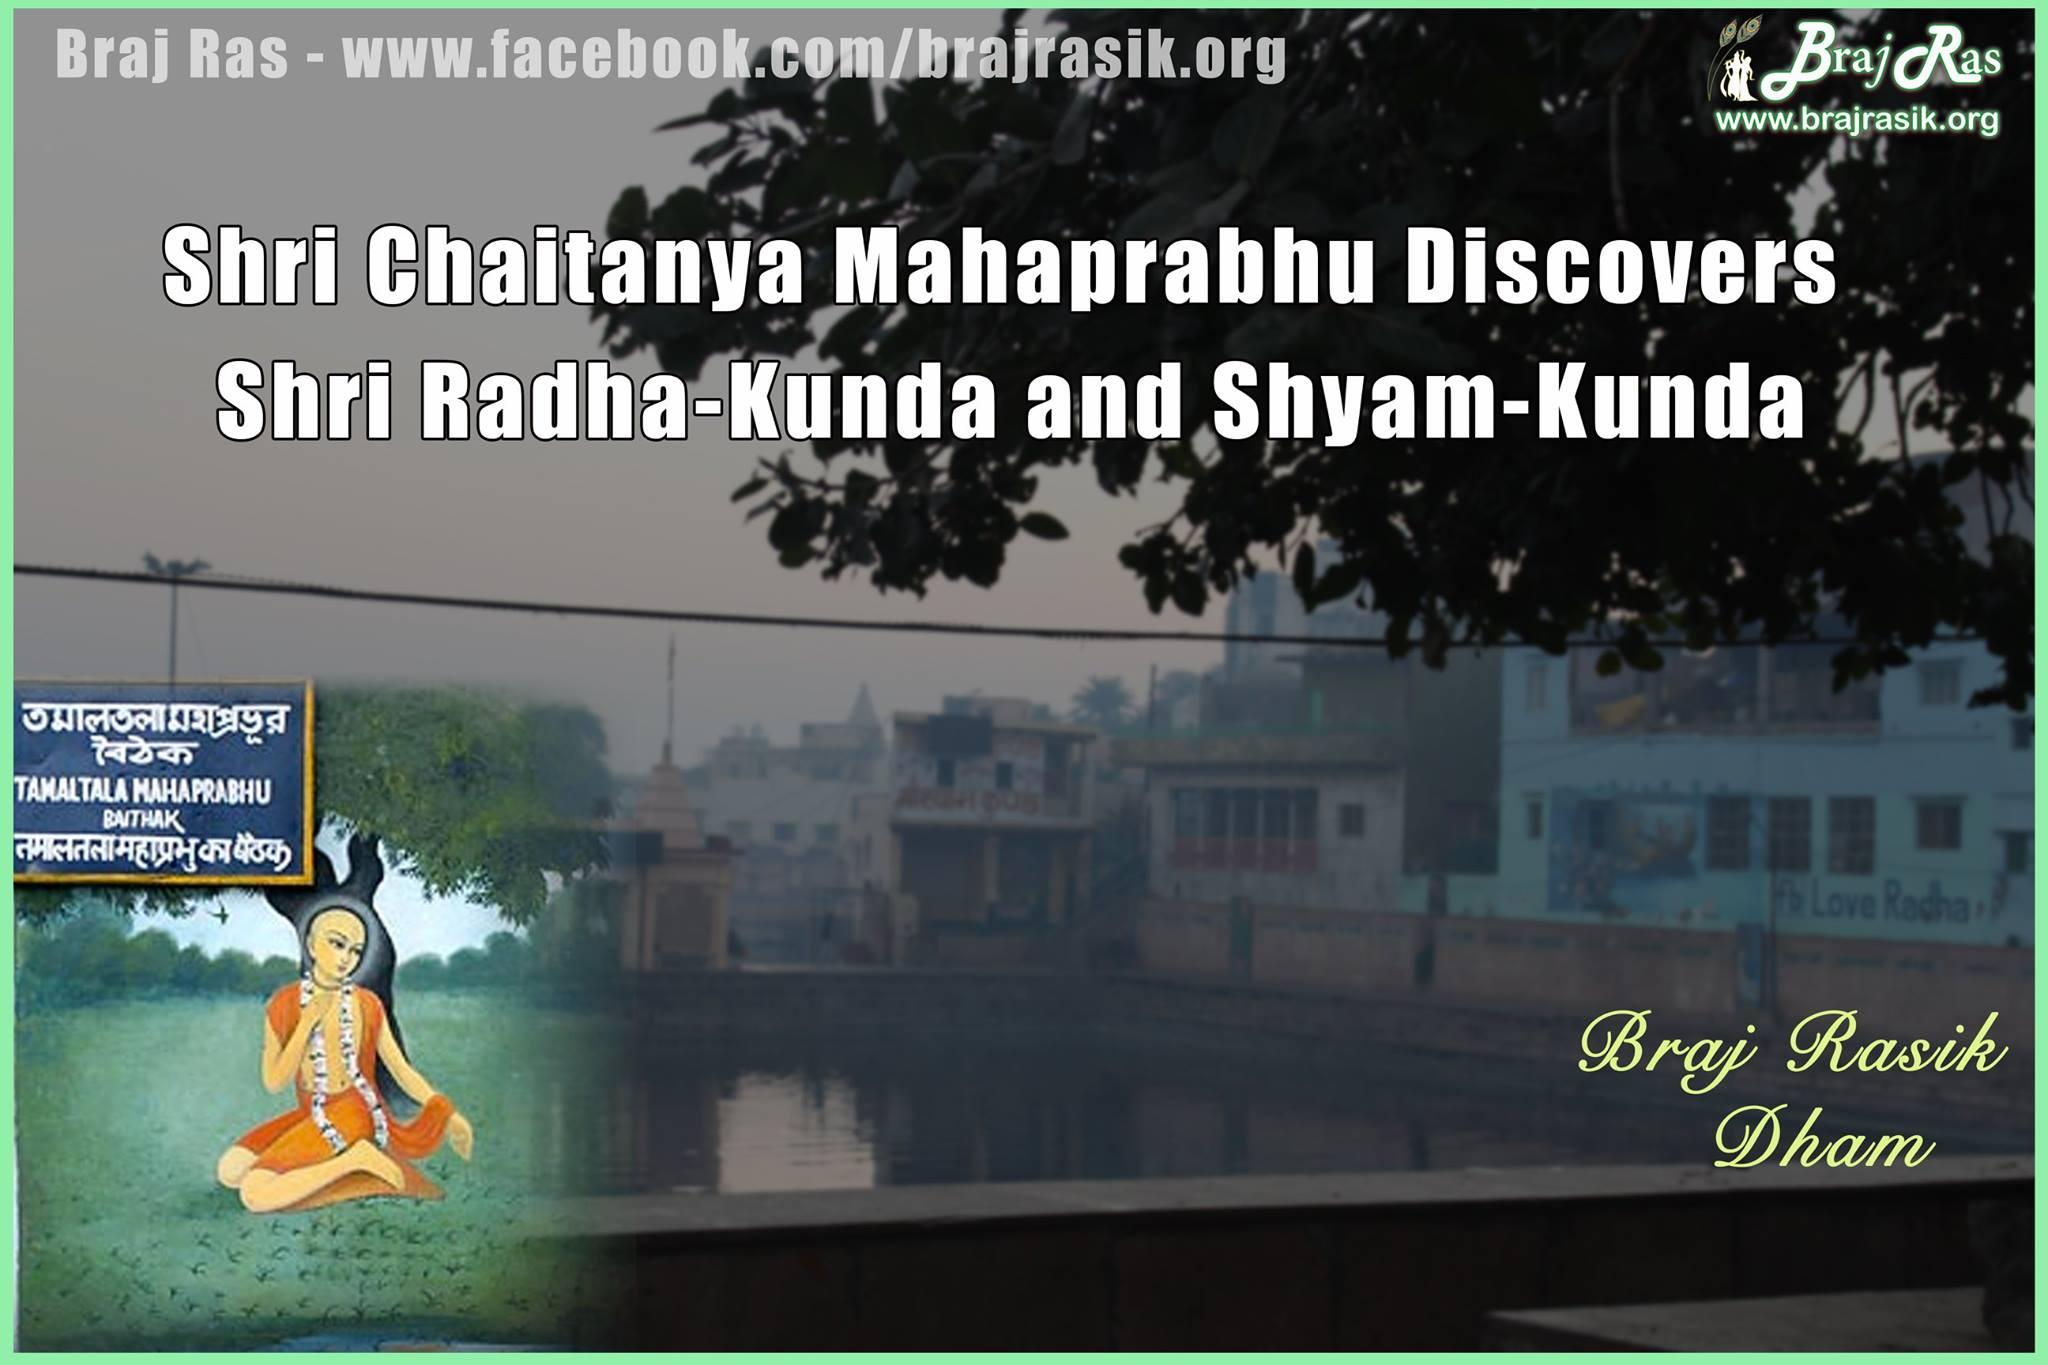 Shri Caitanya Mahaprabhu Discovers Shri Radha-Kunda and Shyam-Kunda